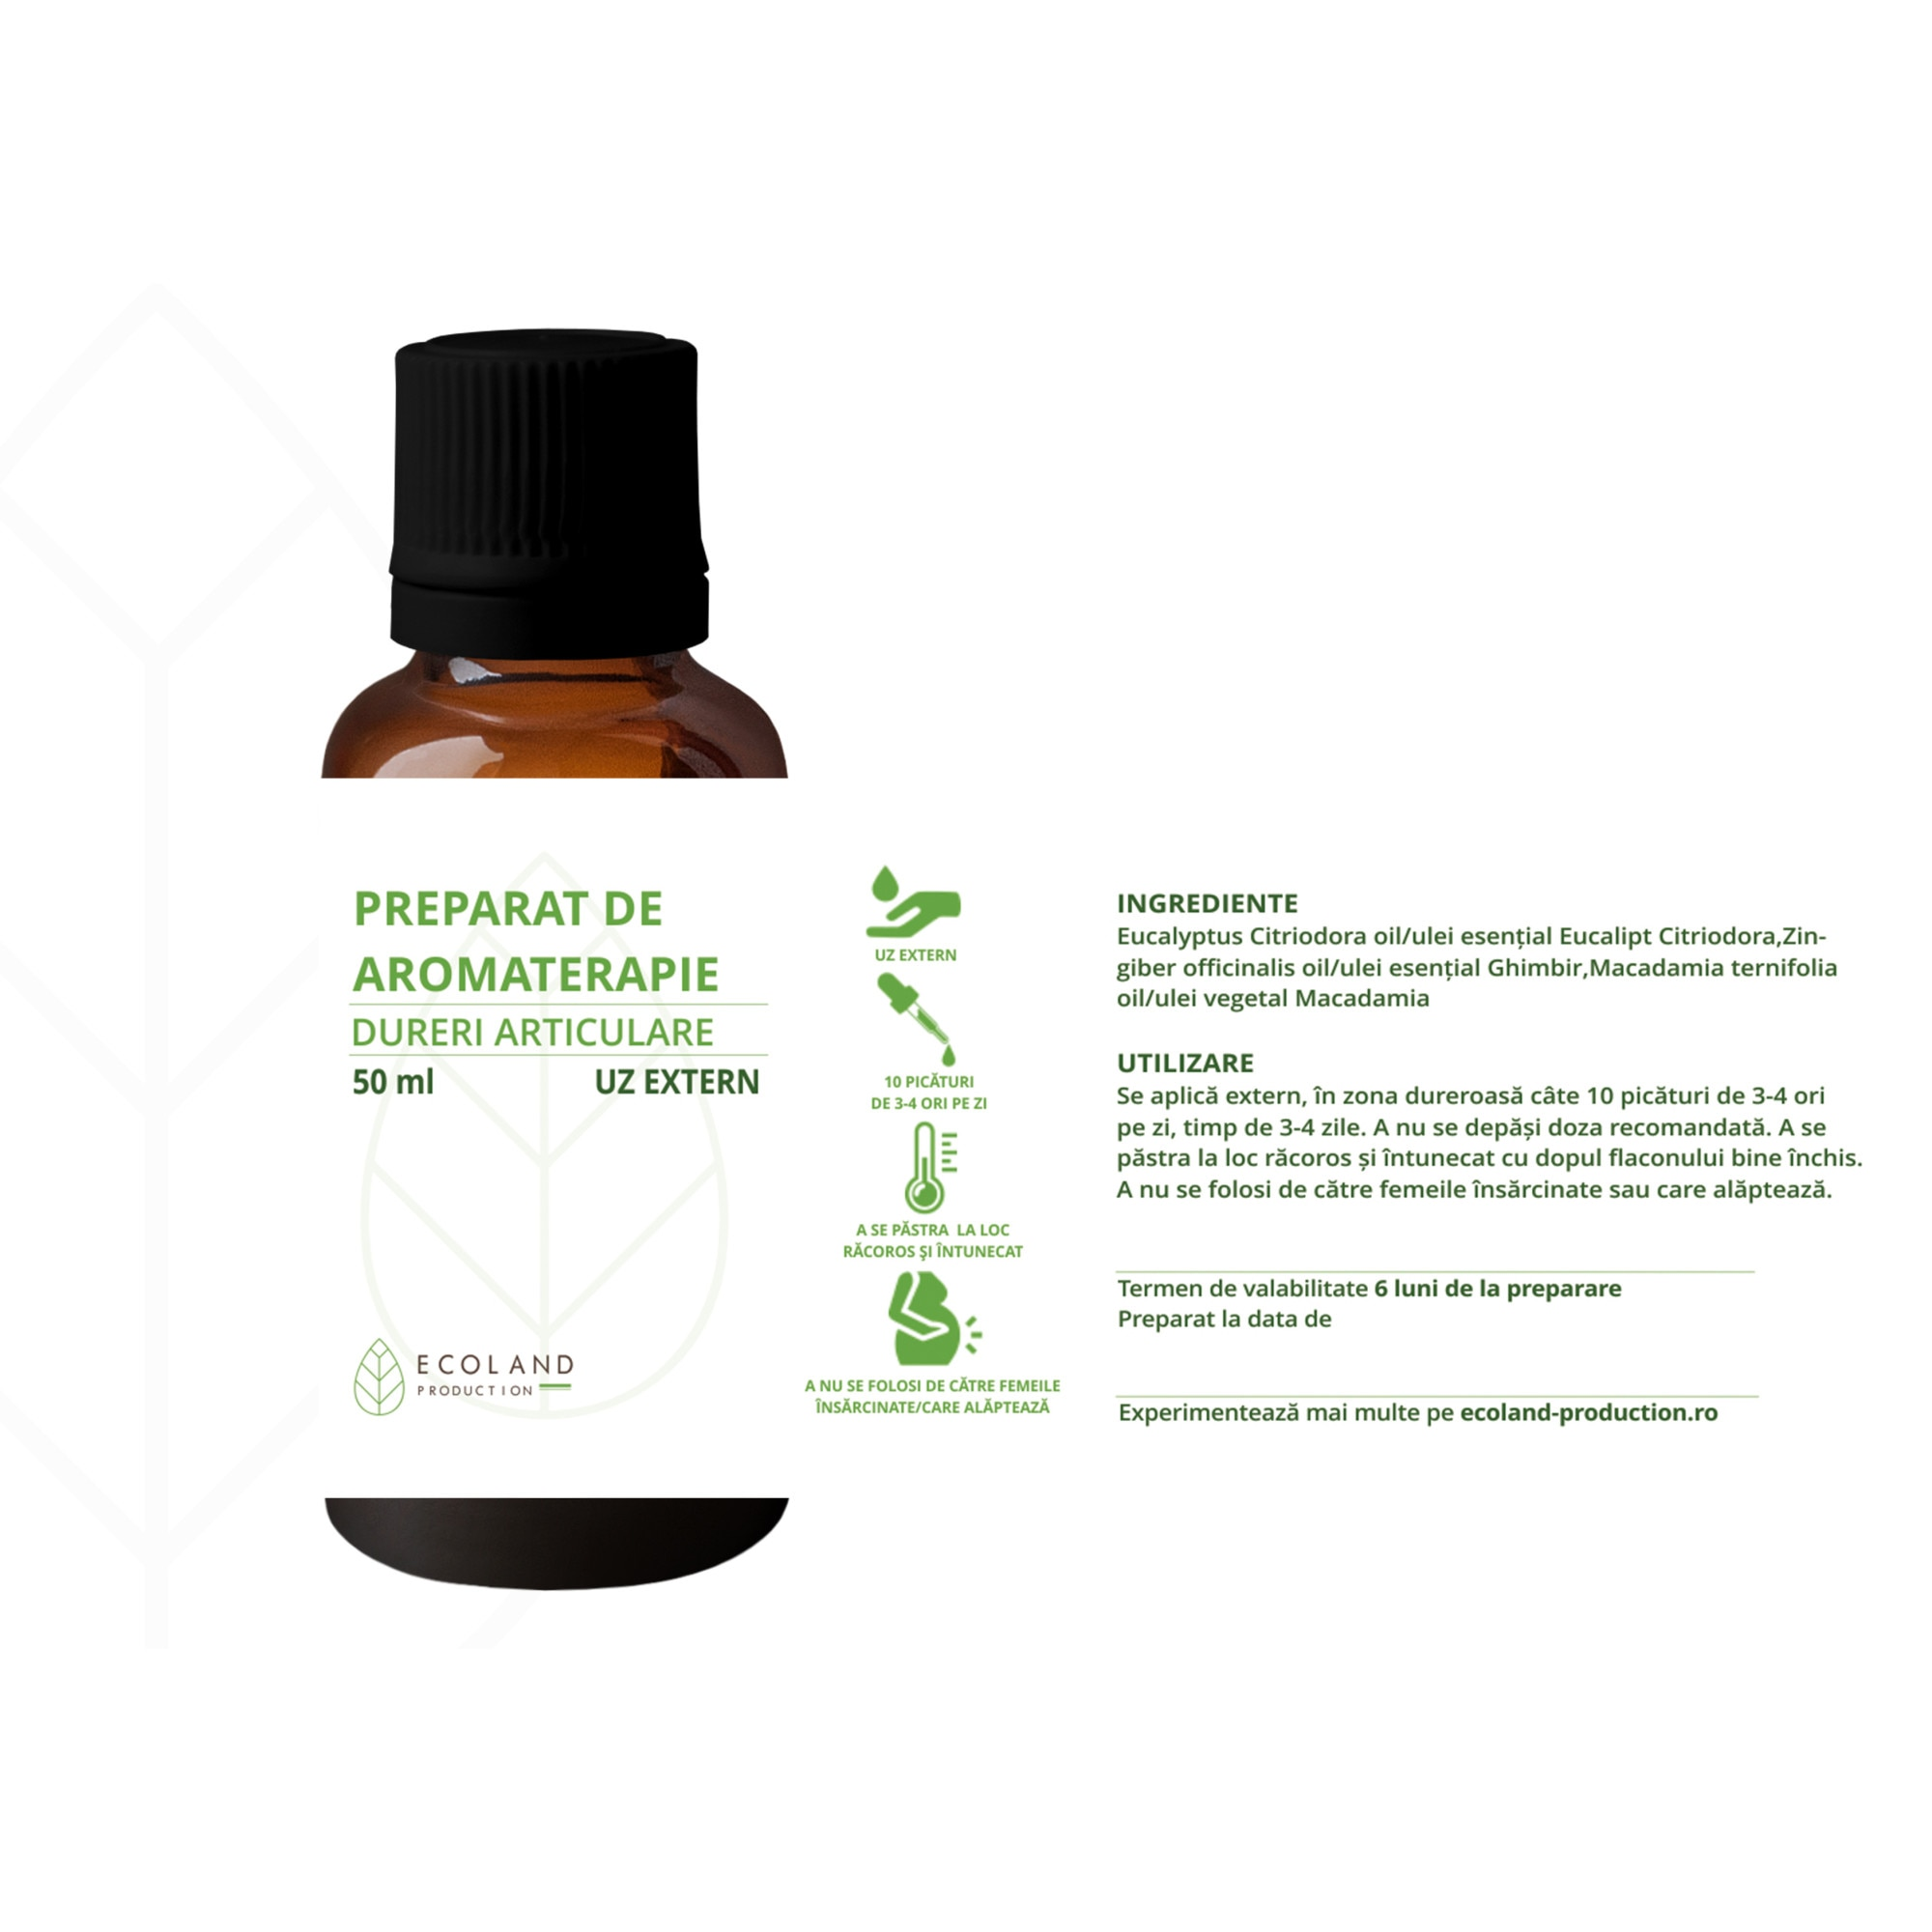 Aromaterapie pentru dureri articulare